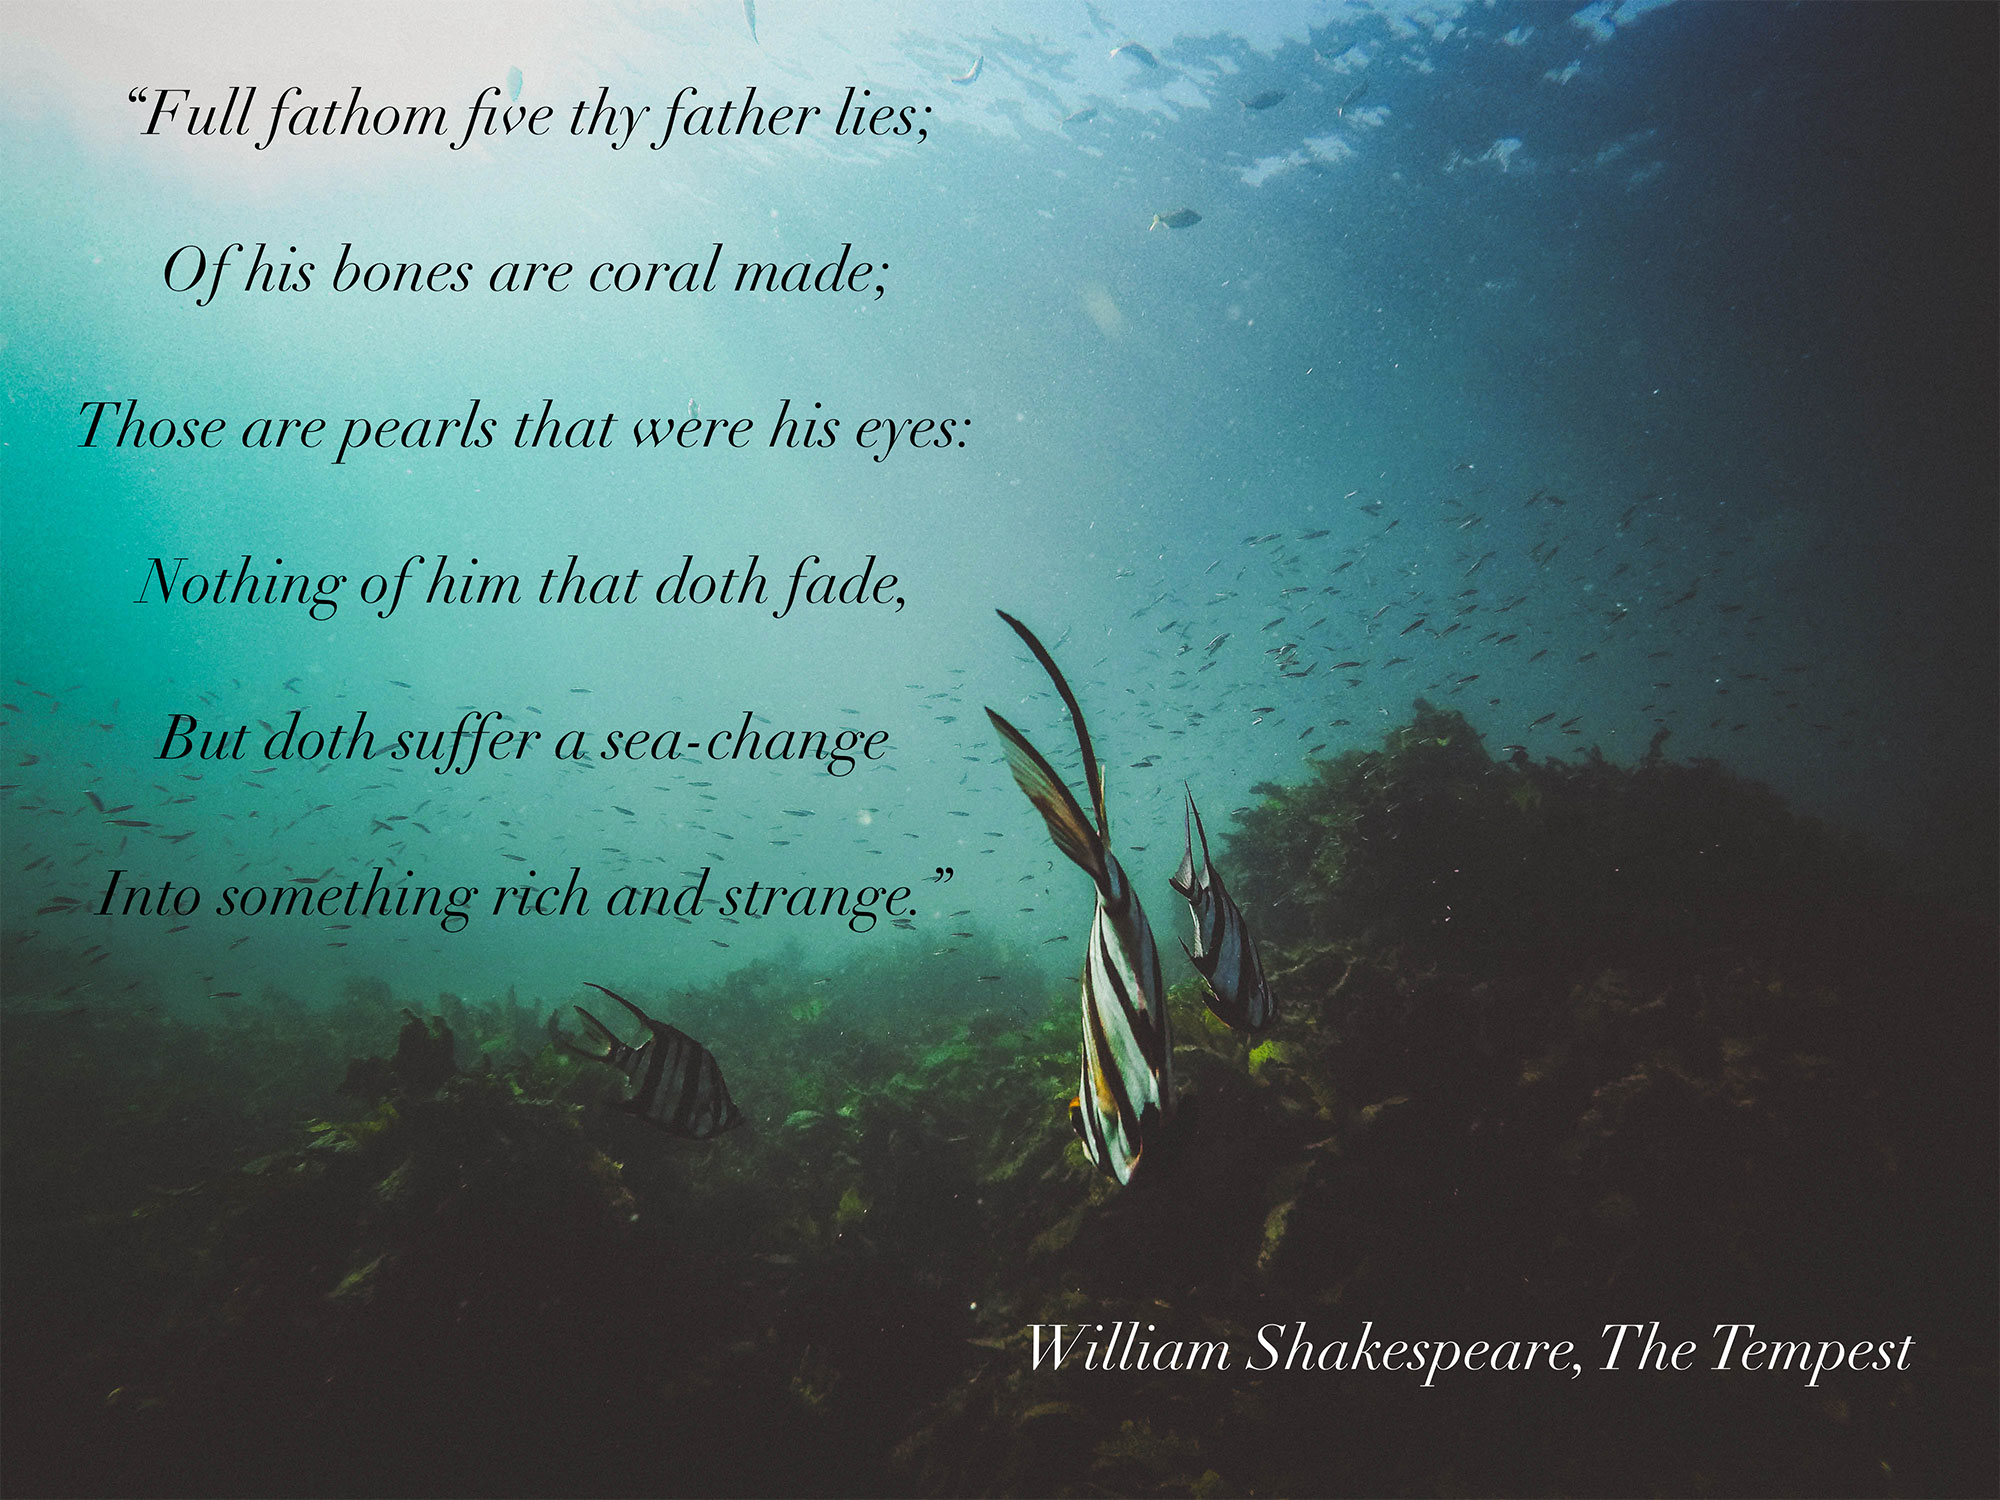 Image shakespearean-excerpt